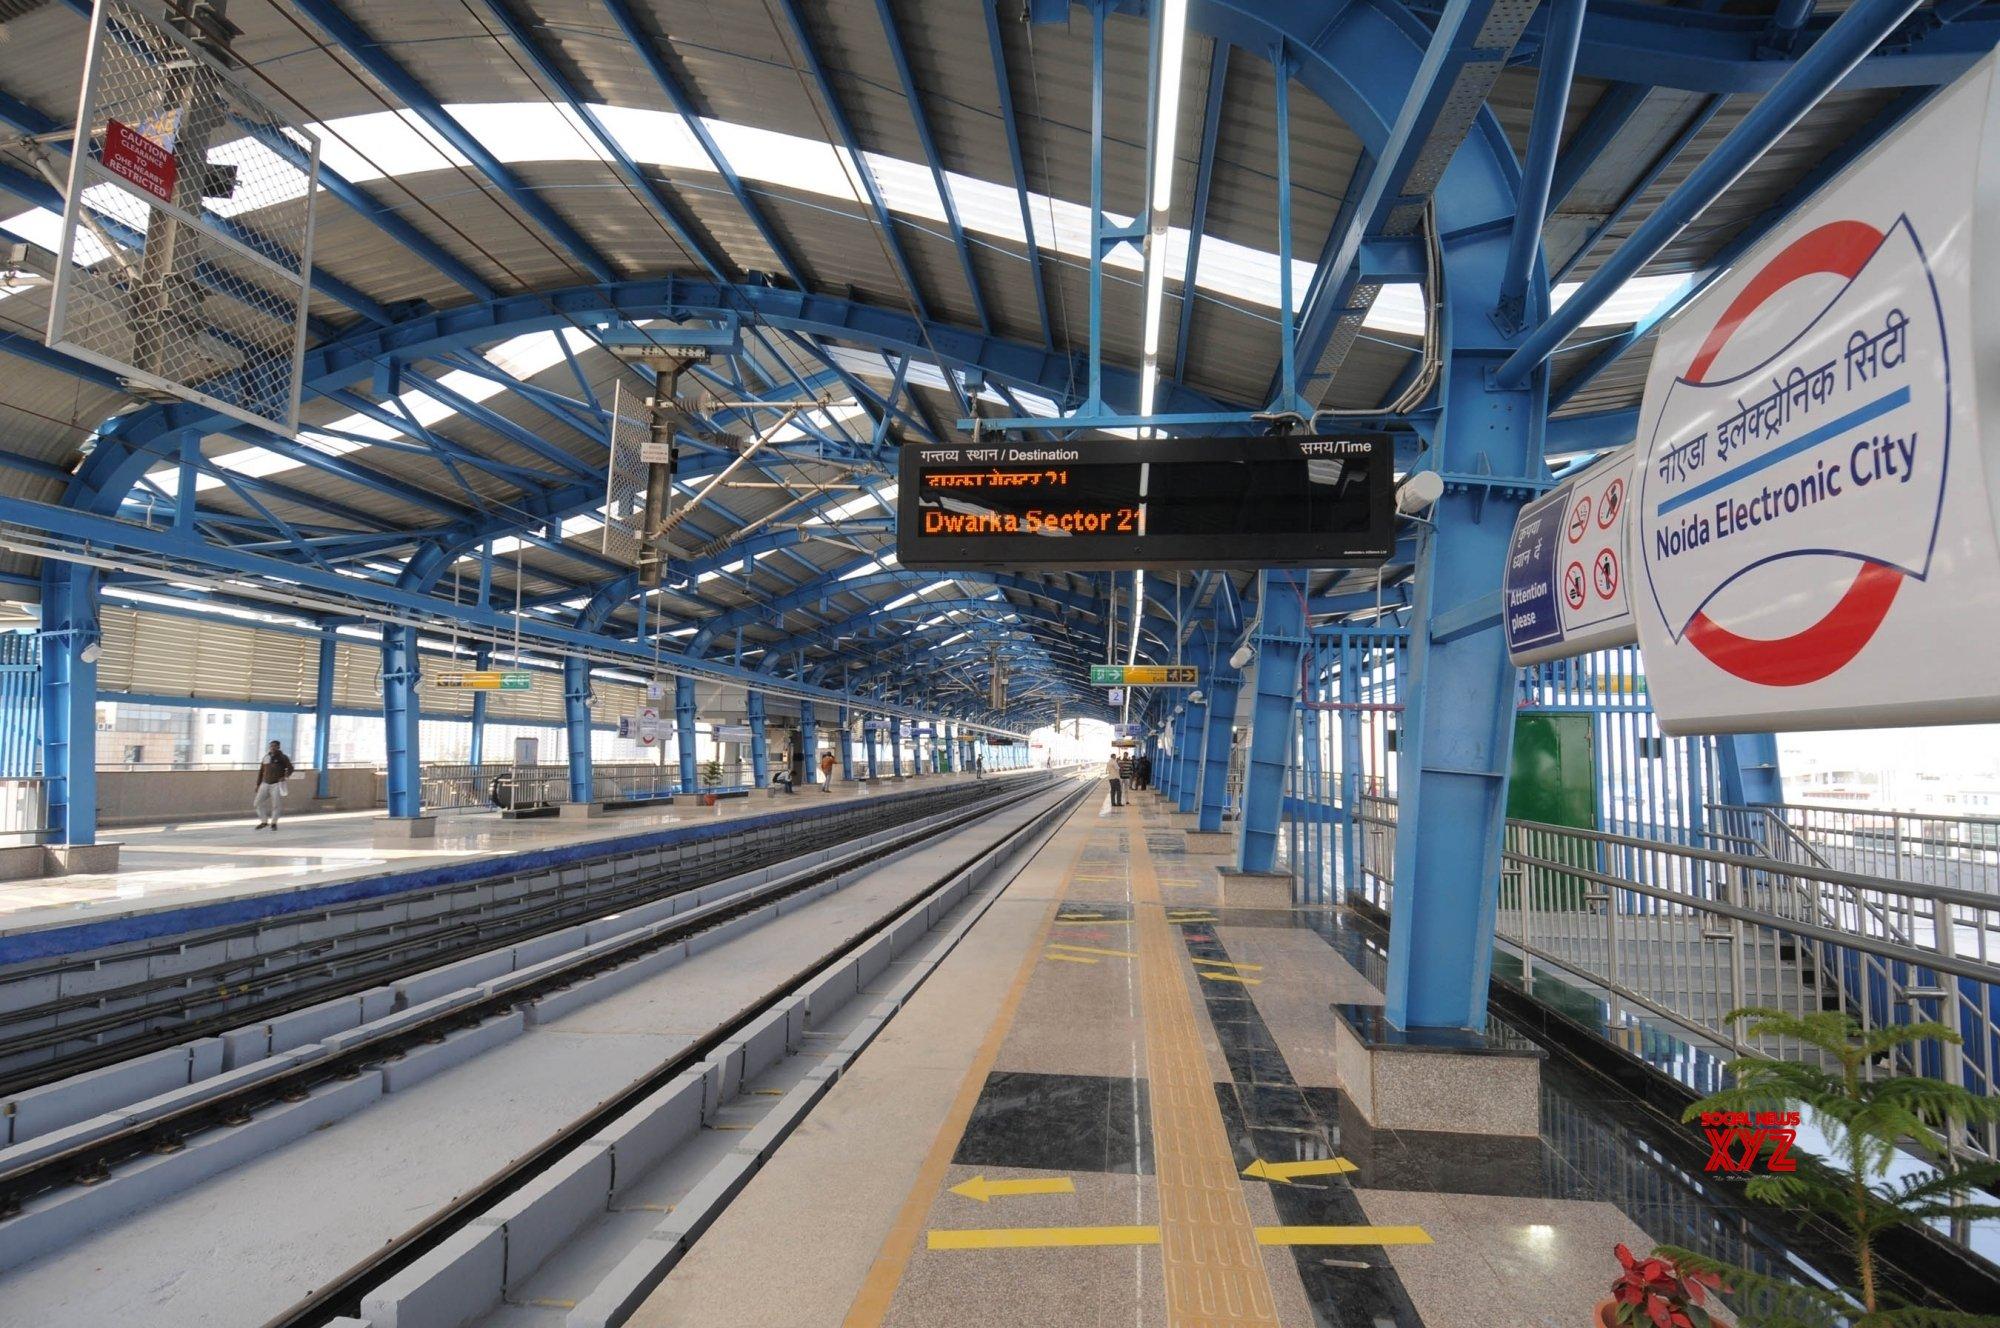 Technical snag hits Delhi Metro, many stranded